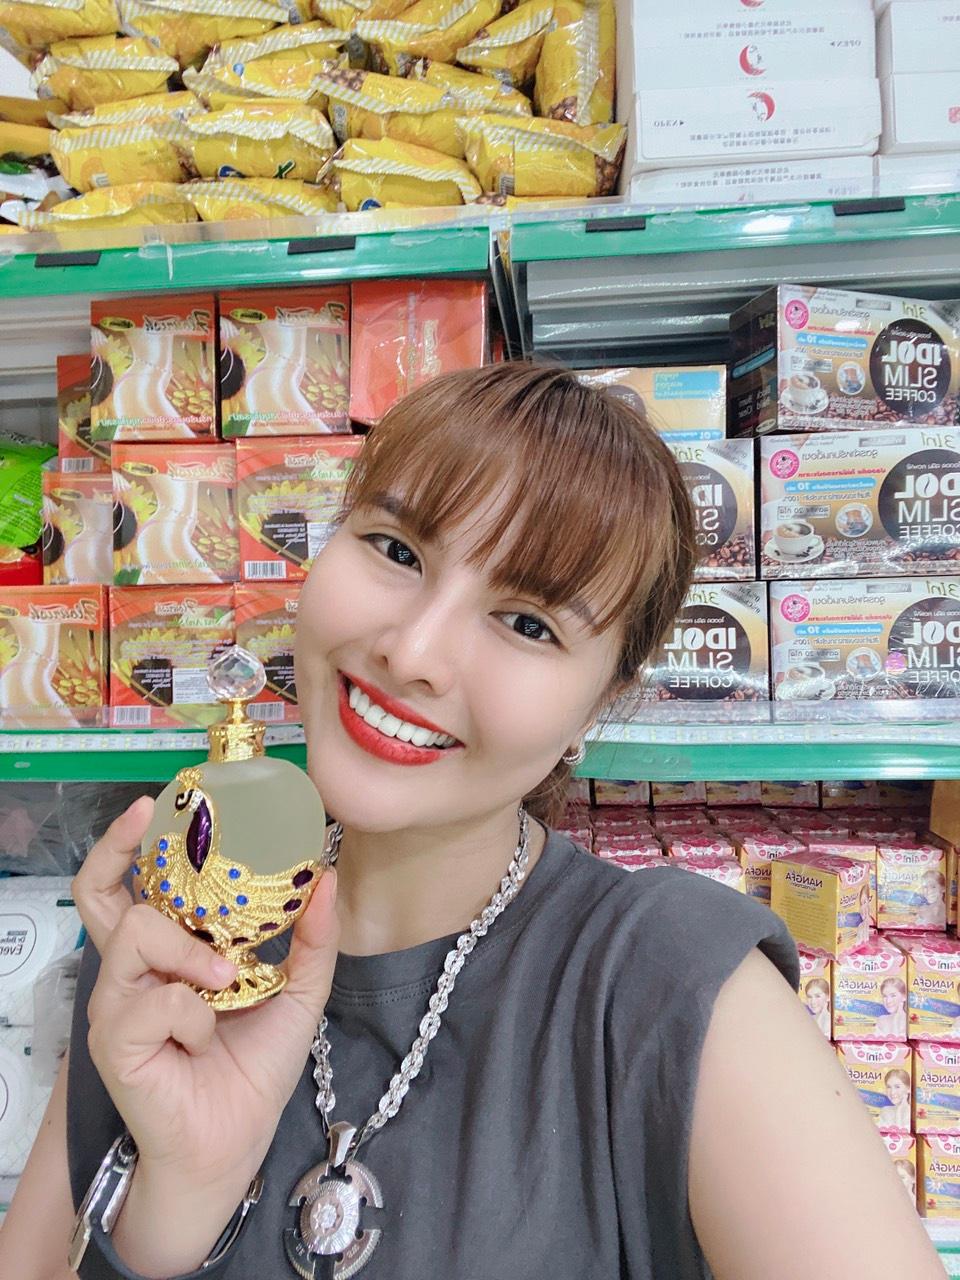 Khám phá shop Mỹ phẩm Linh Ngố Cosmetics - Ảnh 1